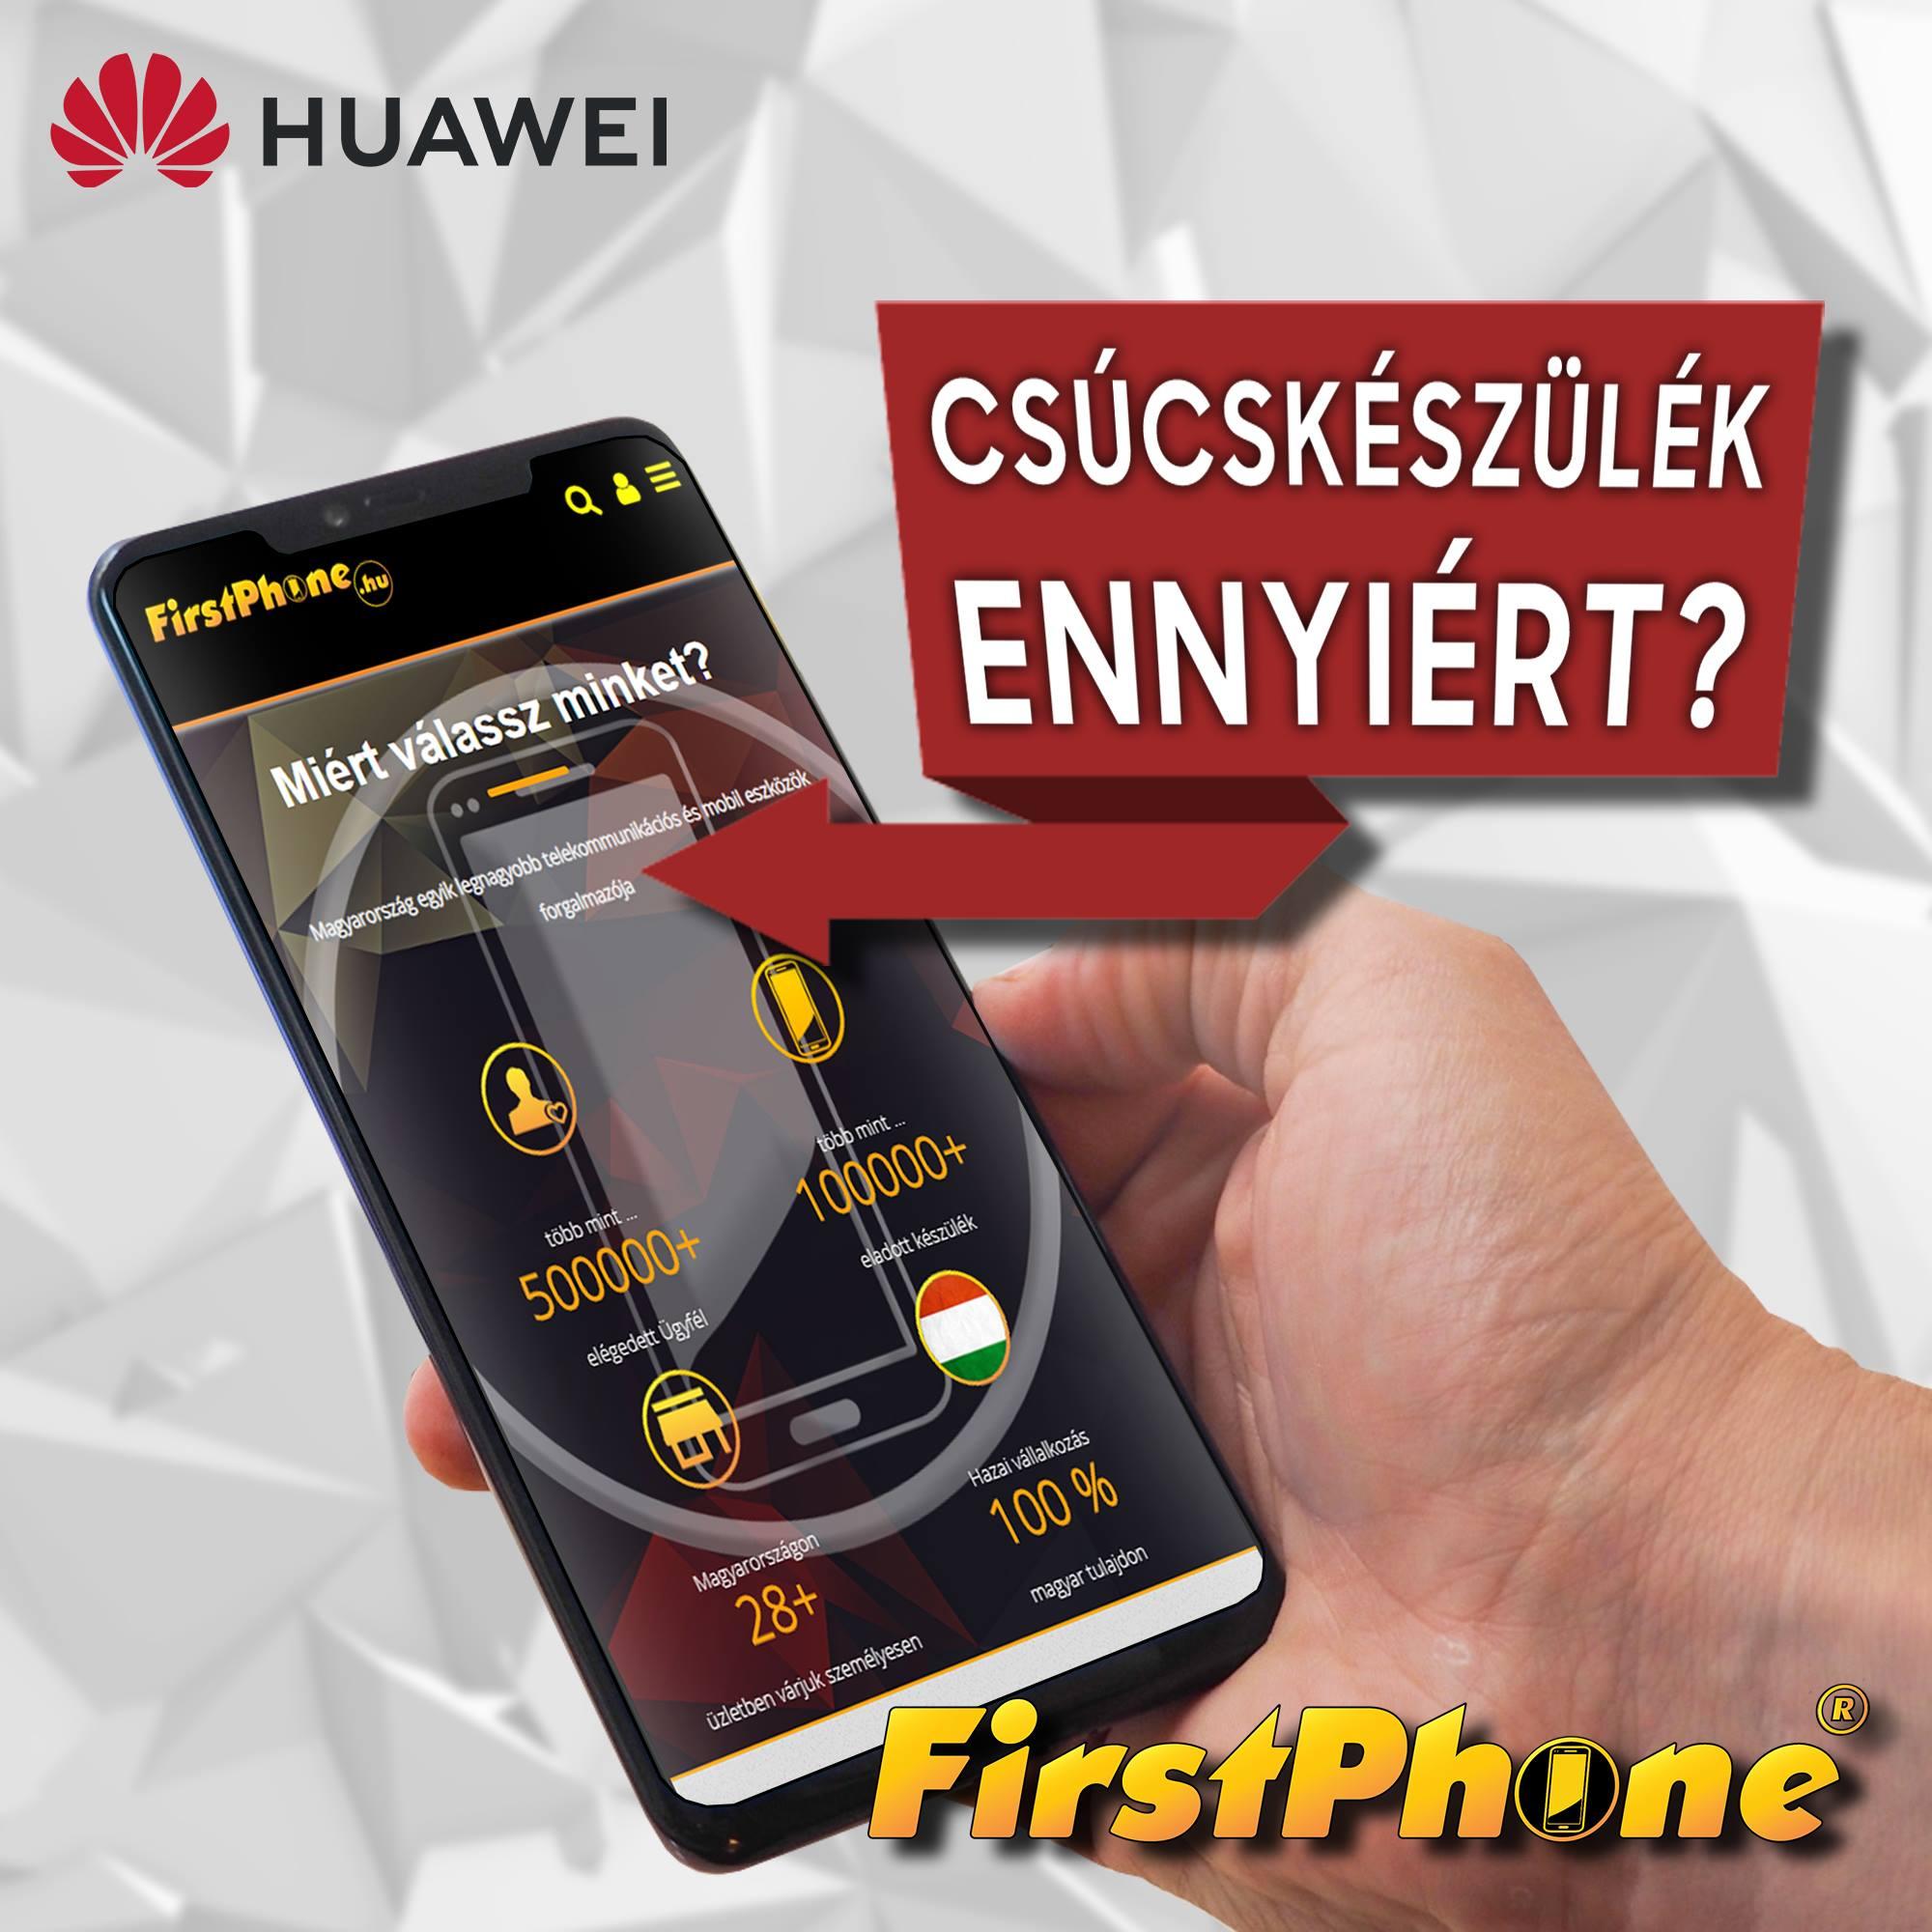 Tavaszi Huawei akciók a Firstphone-nál